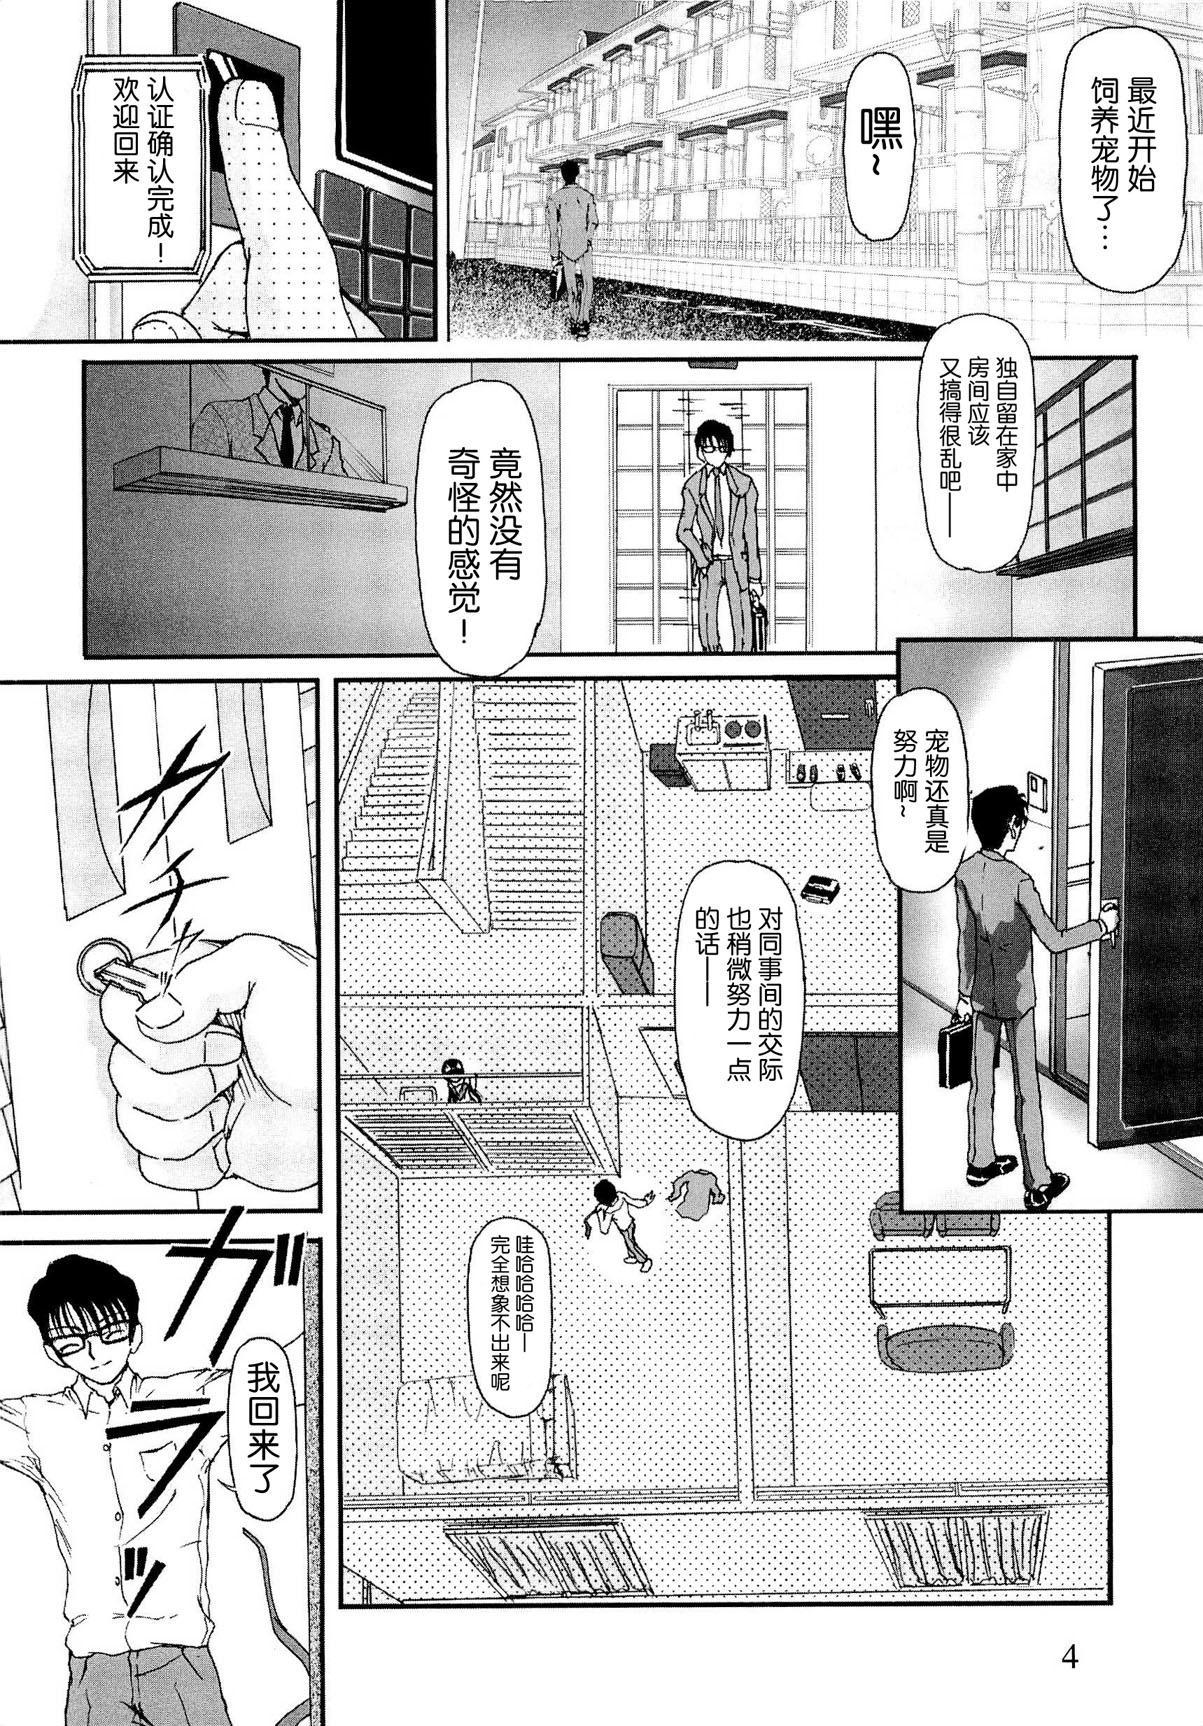 Shoujo no Kaikata Shitsukekata 6